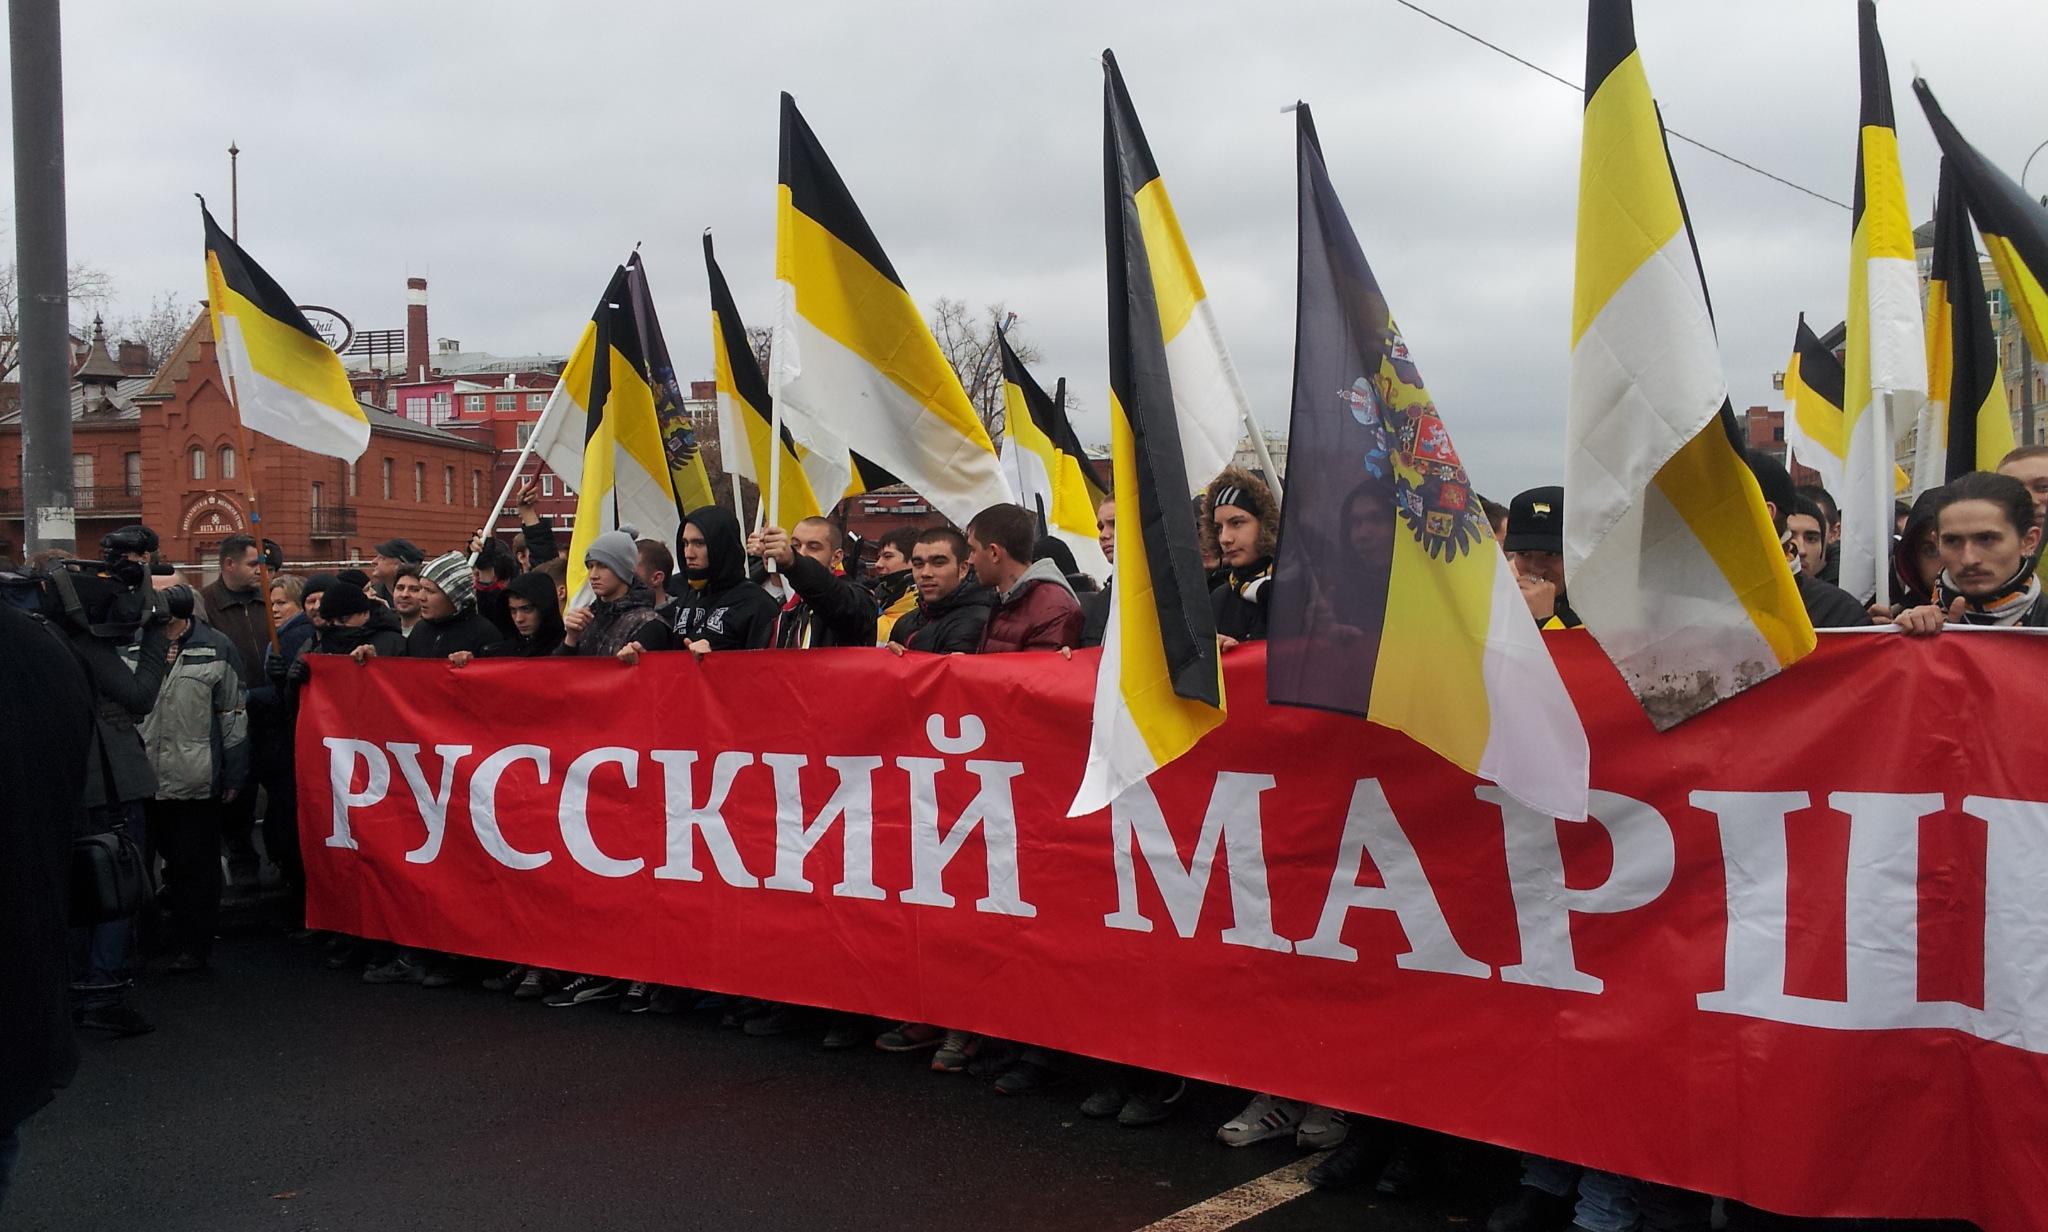 К лидерам нынешних протестов у русских есть справедливые вопросы